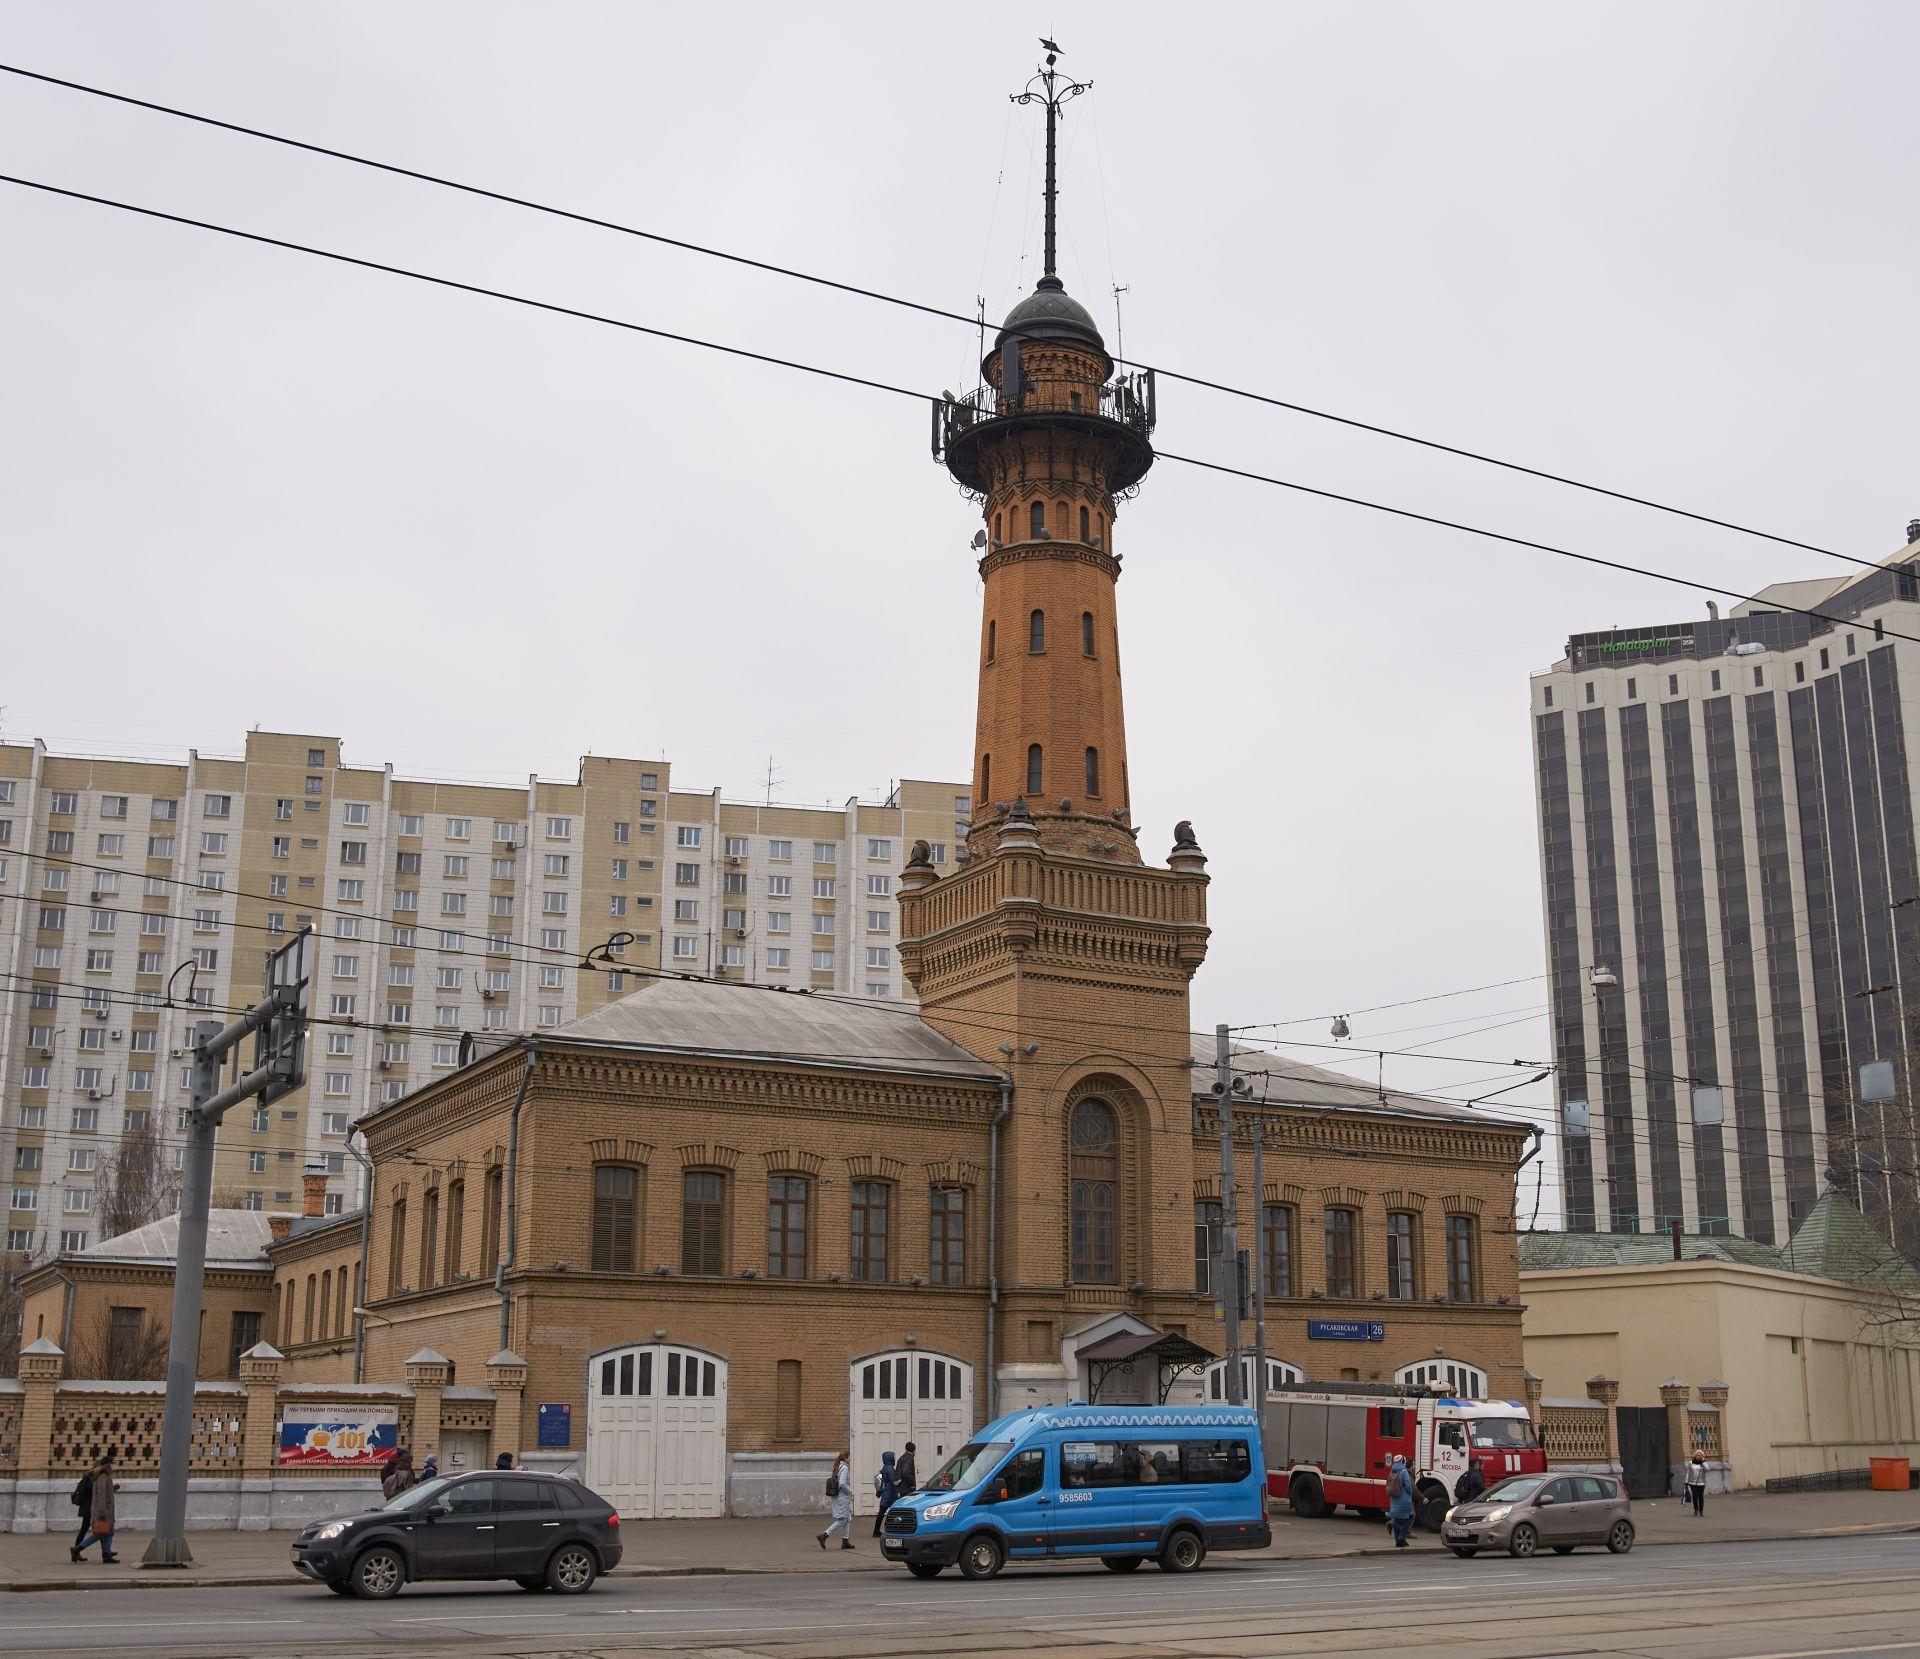 Дори излизайки от метрото, когато човек тепърва попада в района на 'Соколники', първото, което вижда, е старинна кула, от преди революцията